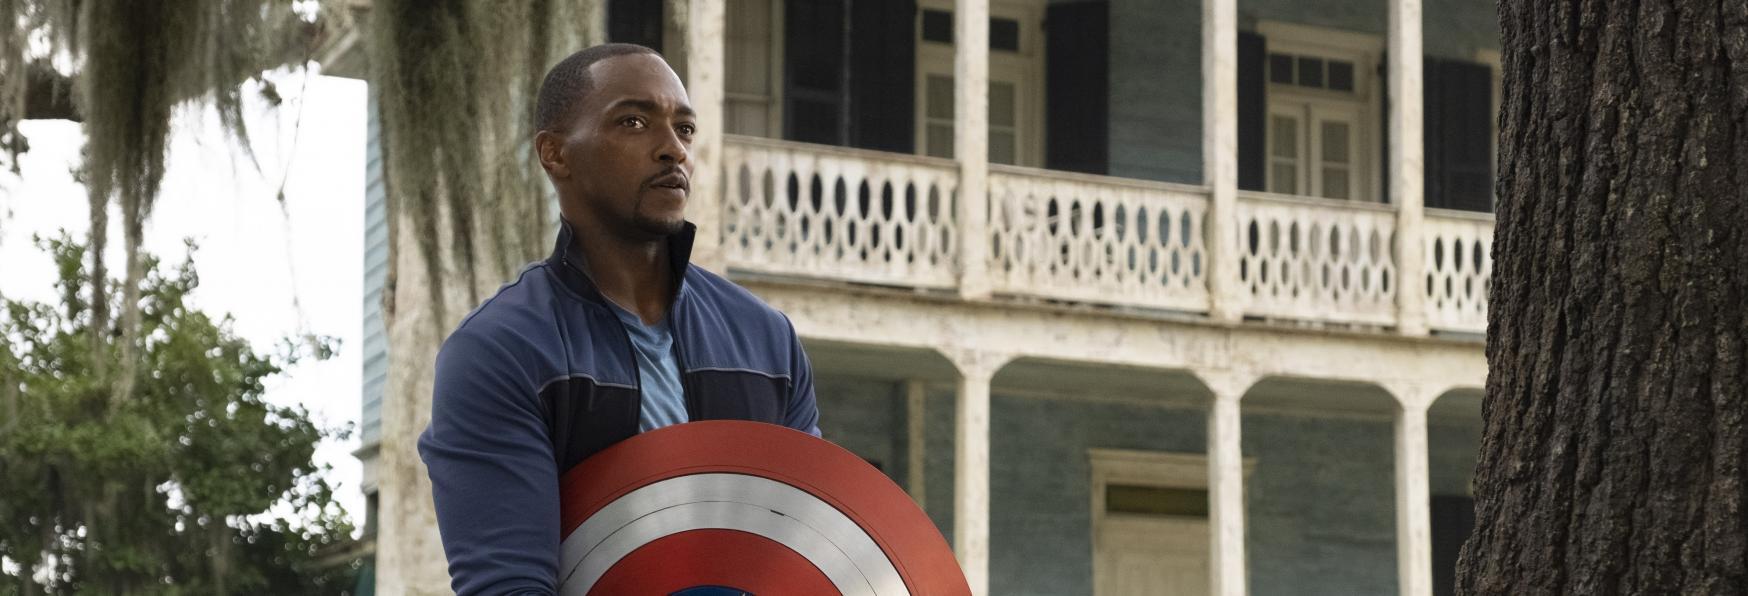 The Falcon and The Winter Soldier: Anthony Mackie non sapeva che sarebbe diventato Captain America